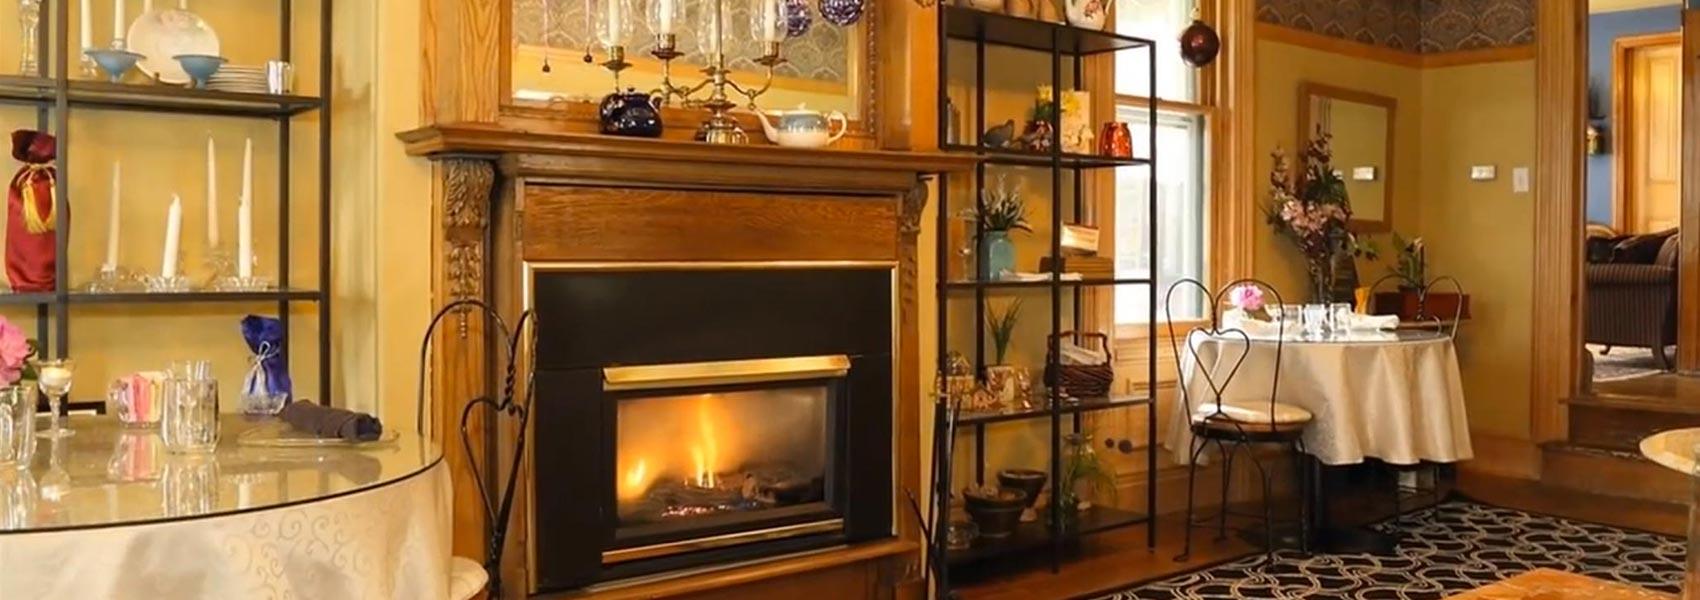 breakfast room gas fireplace